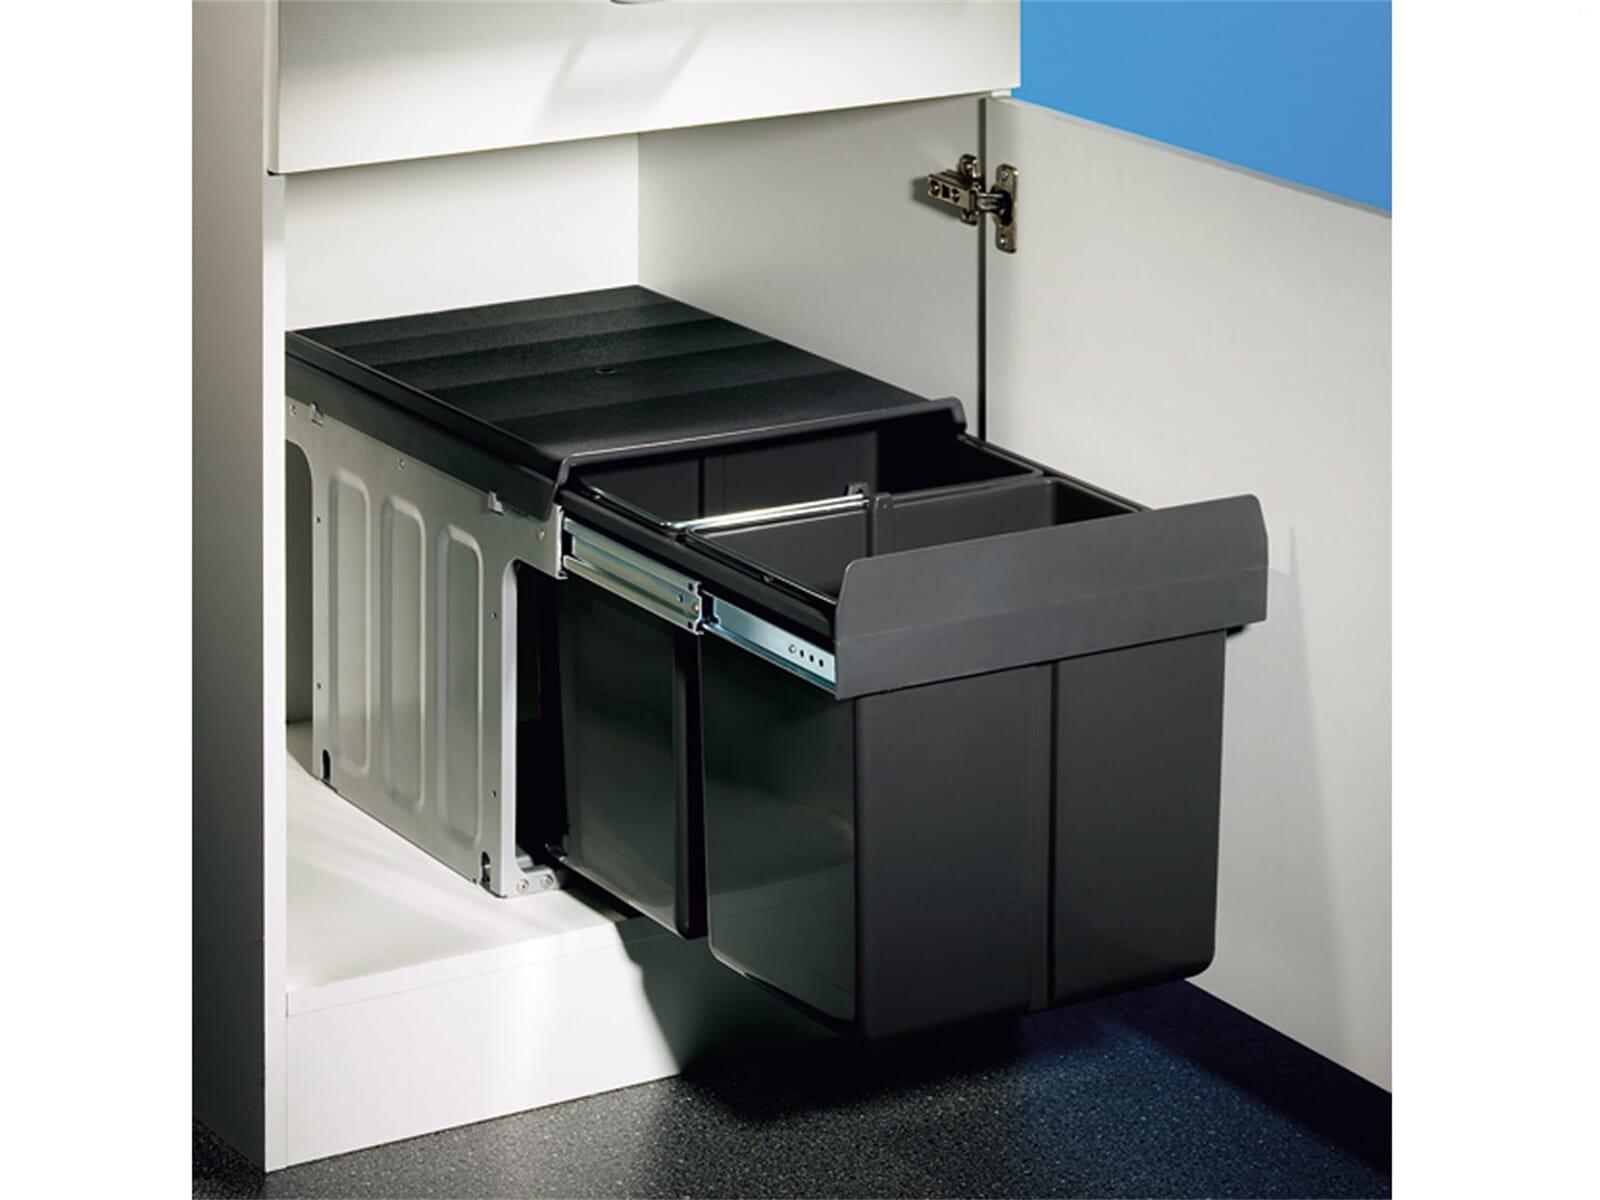 naber double master einbau abfallsammler f r 84 90 eur. Black Bedroom Furniture Sets. Home Design Ideas